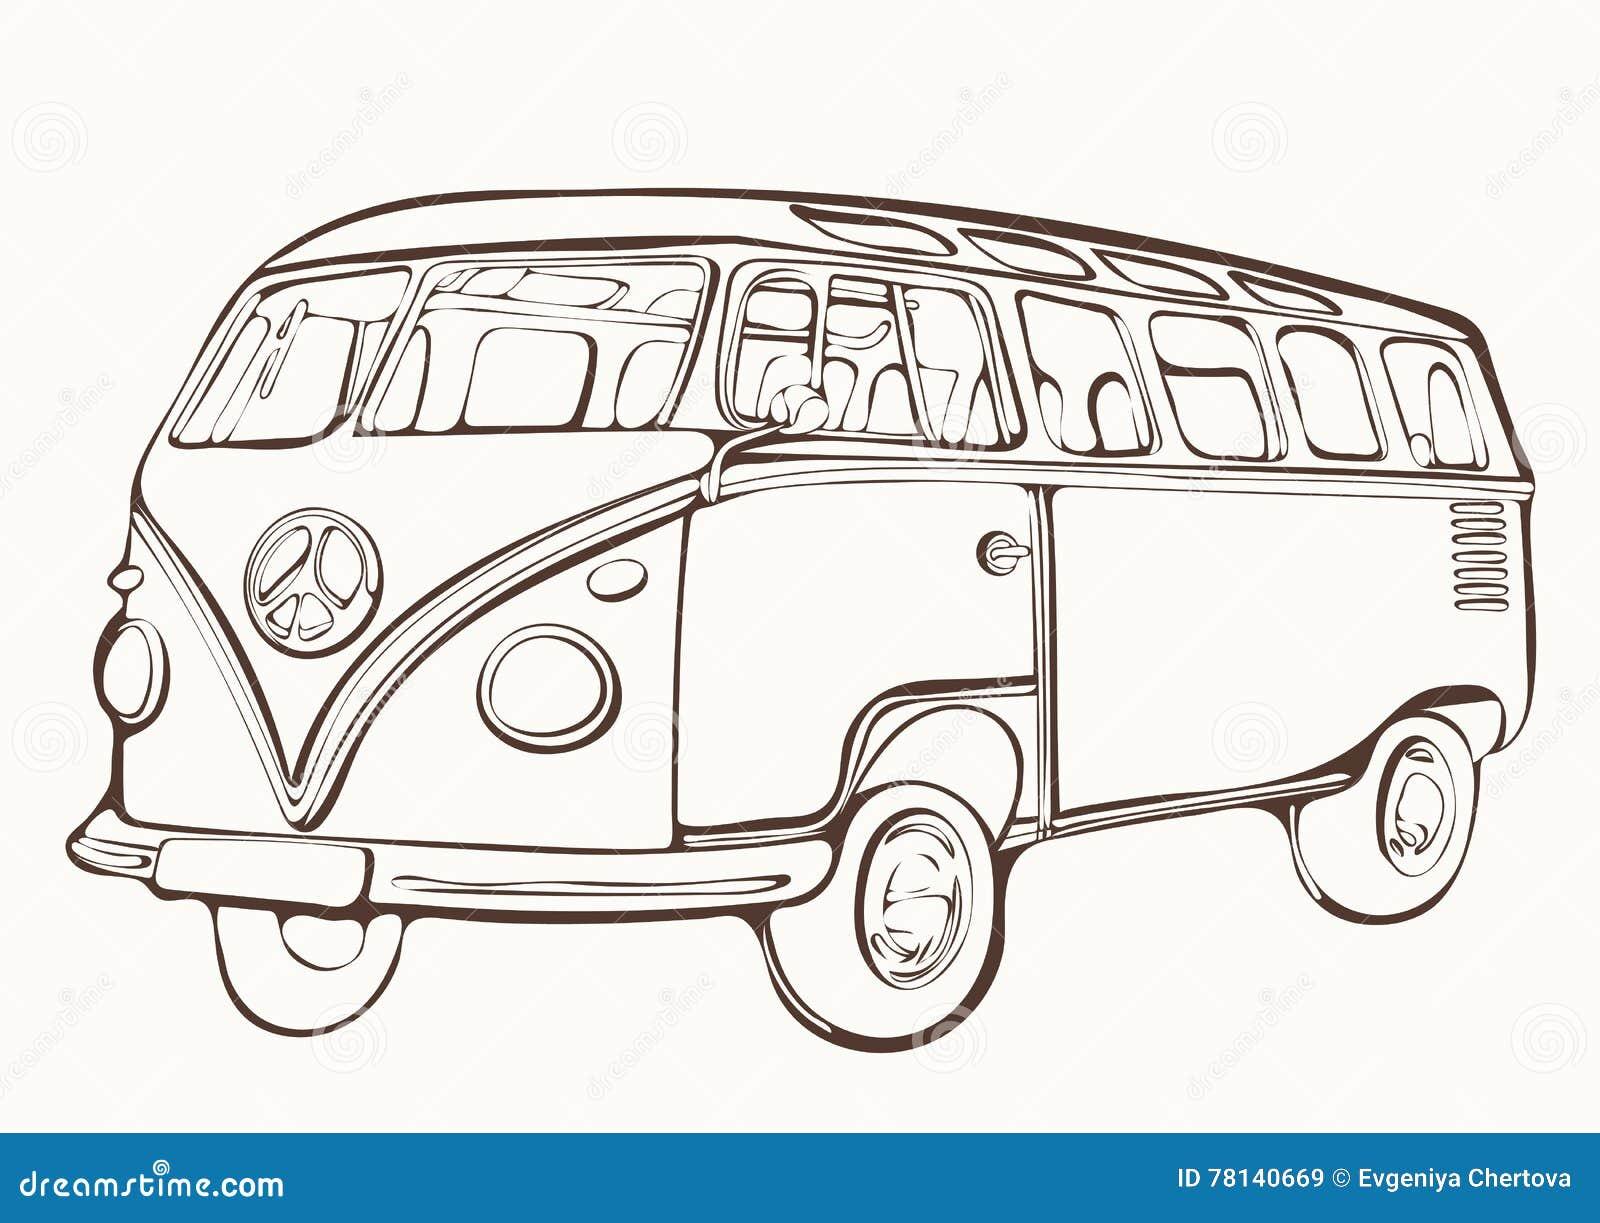 Autobús Del Vintage, Coche Retro, Libro De Colorear Pintado, Mano ...